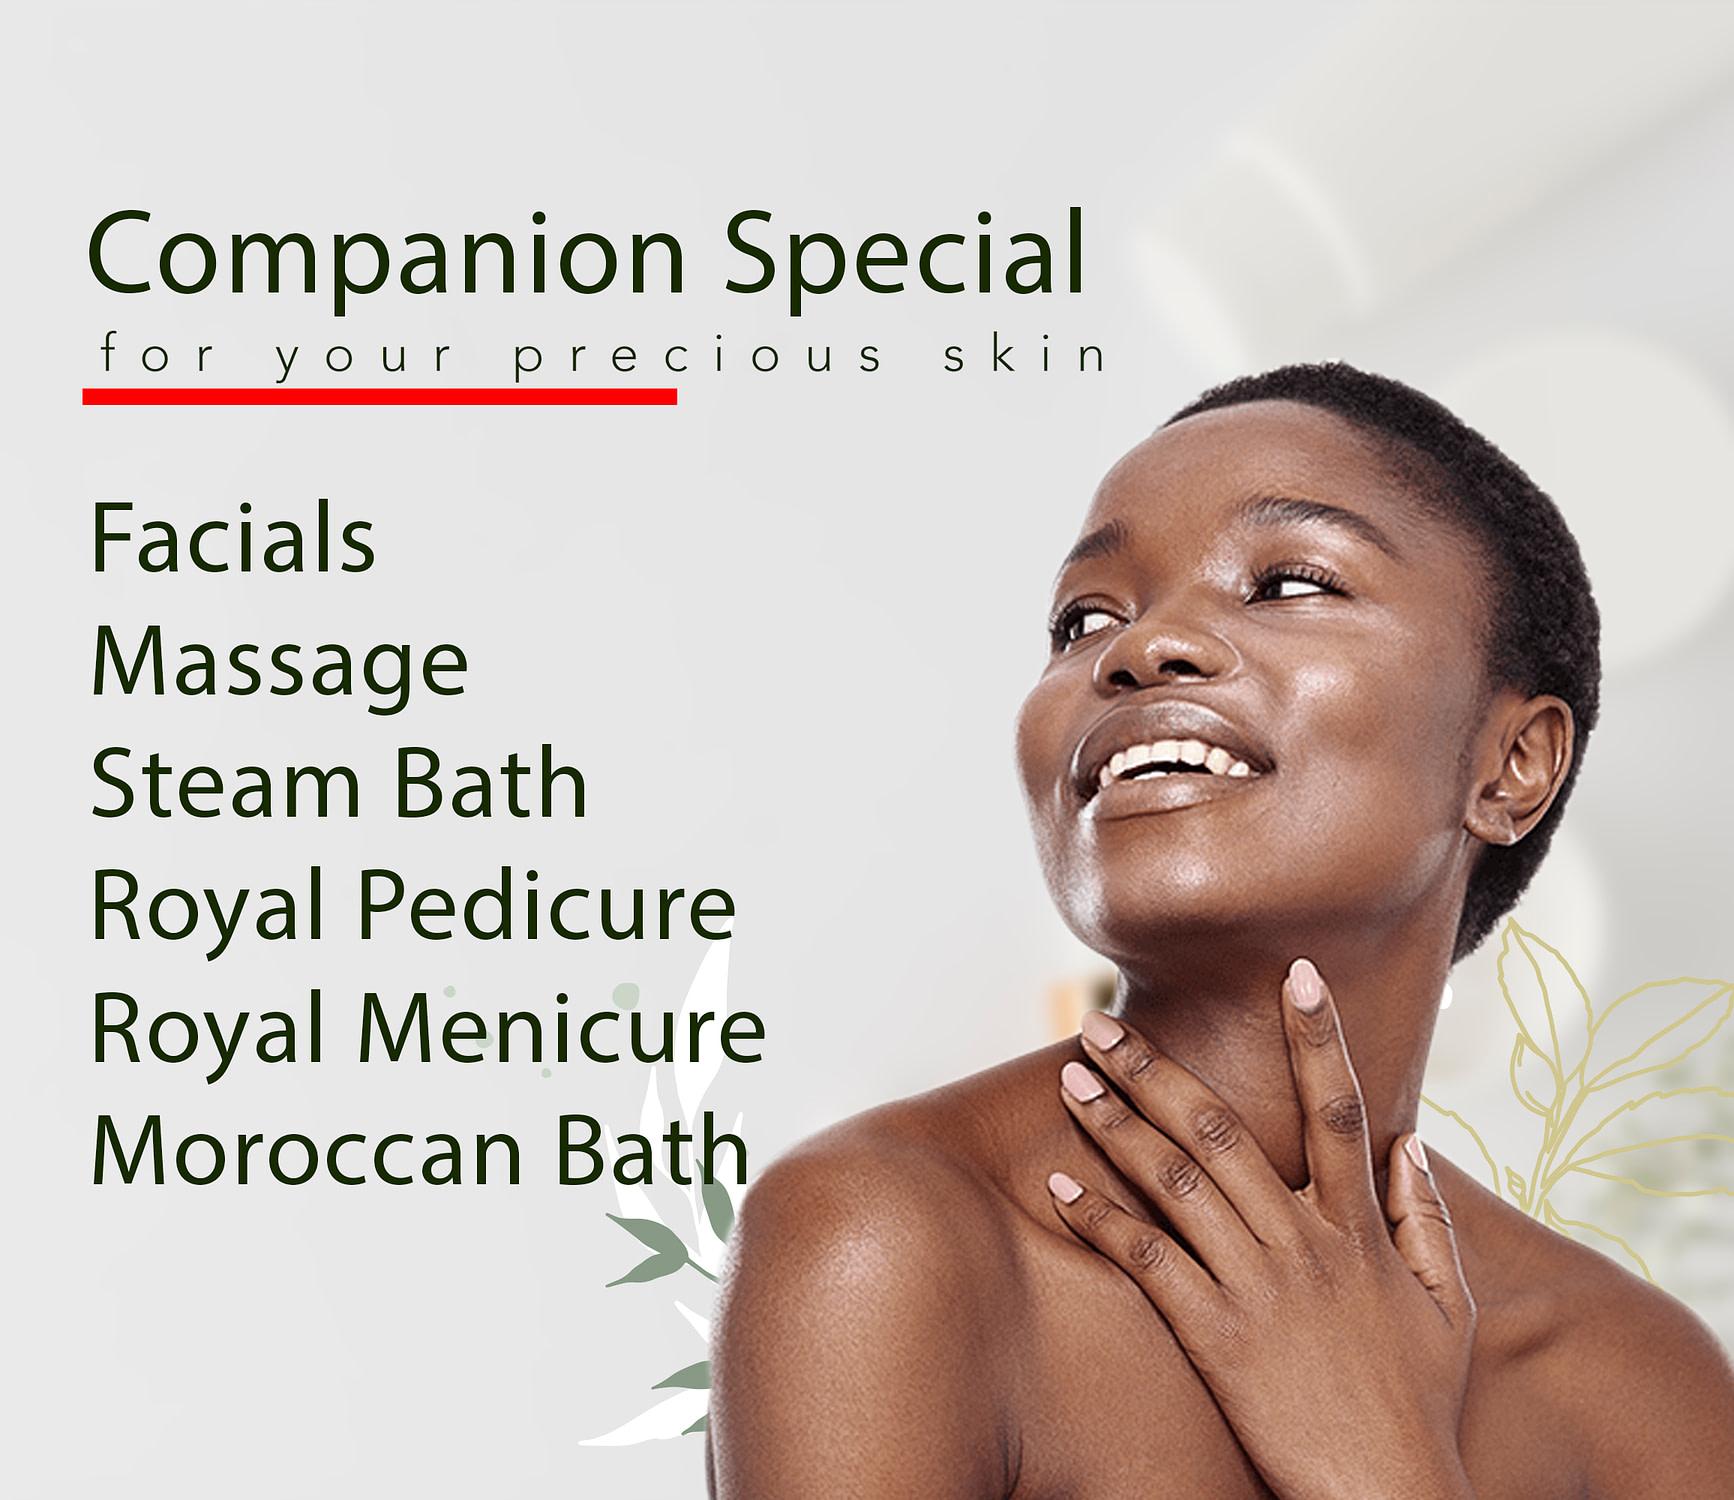 Companion Special